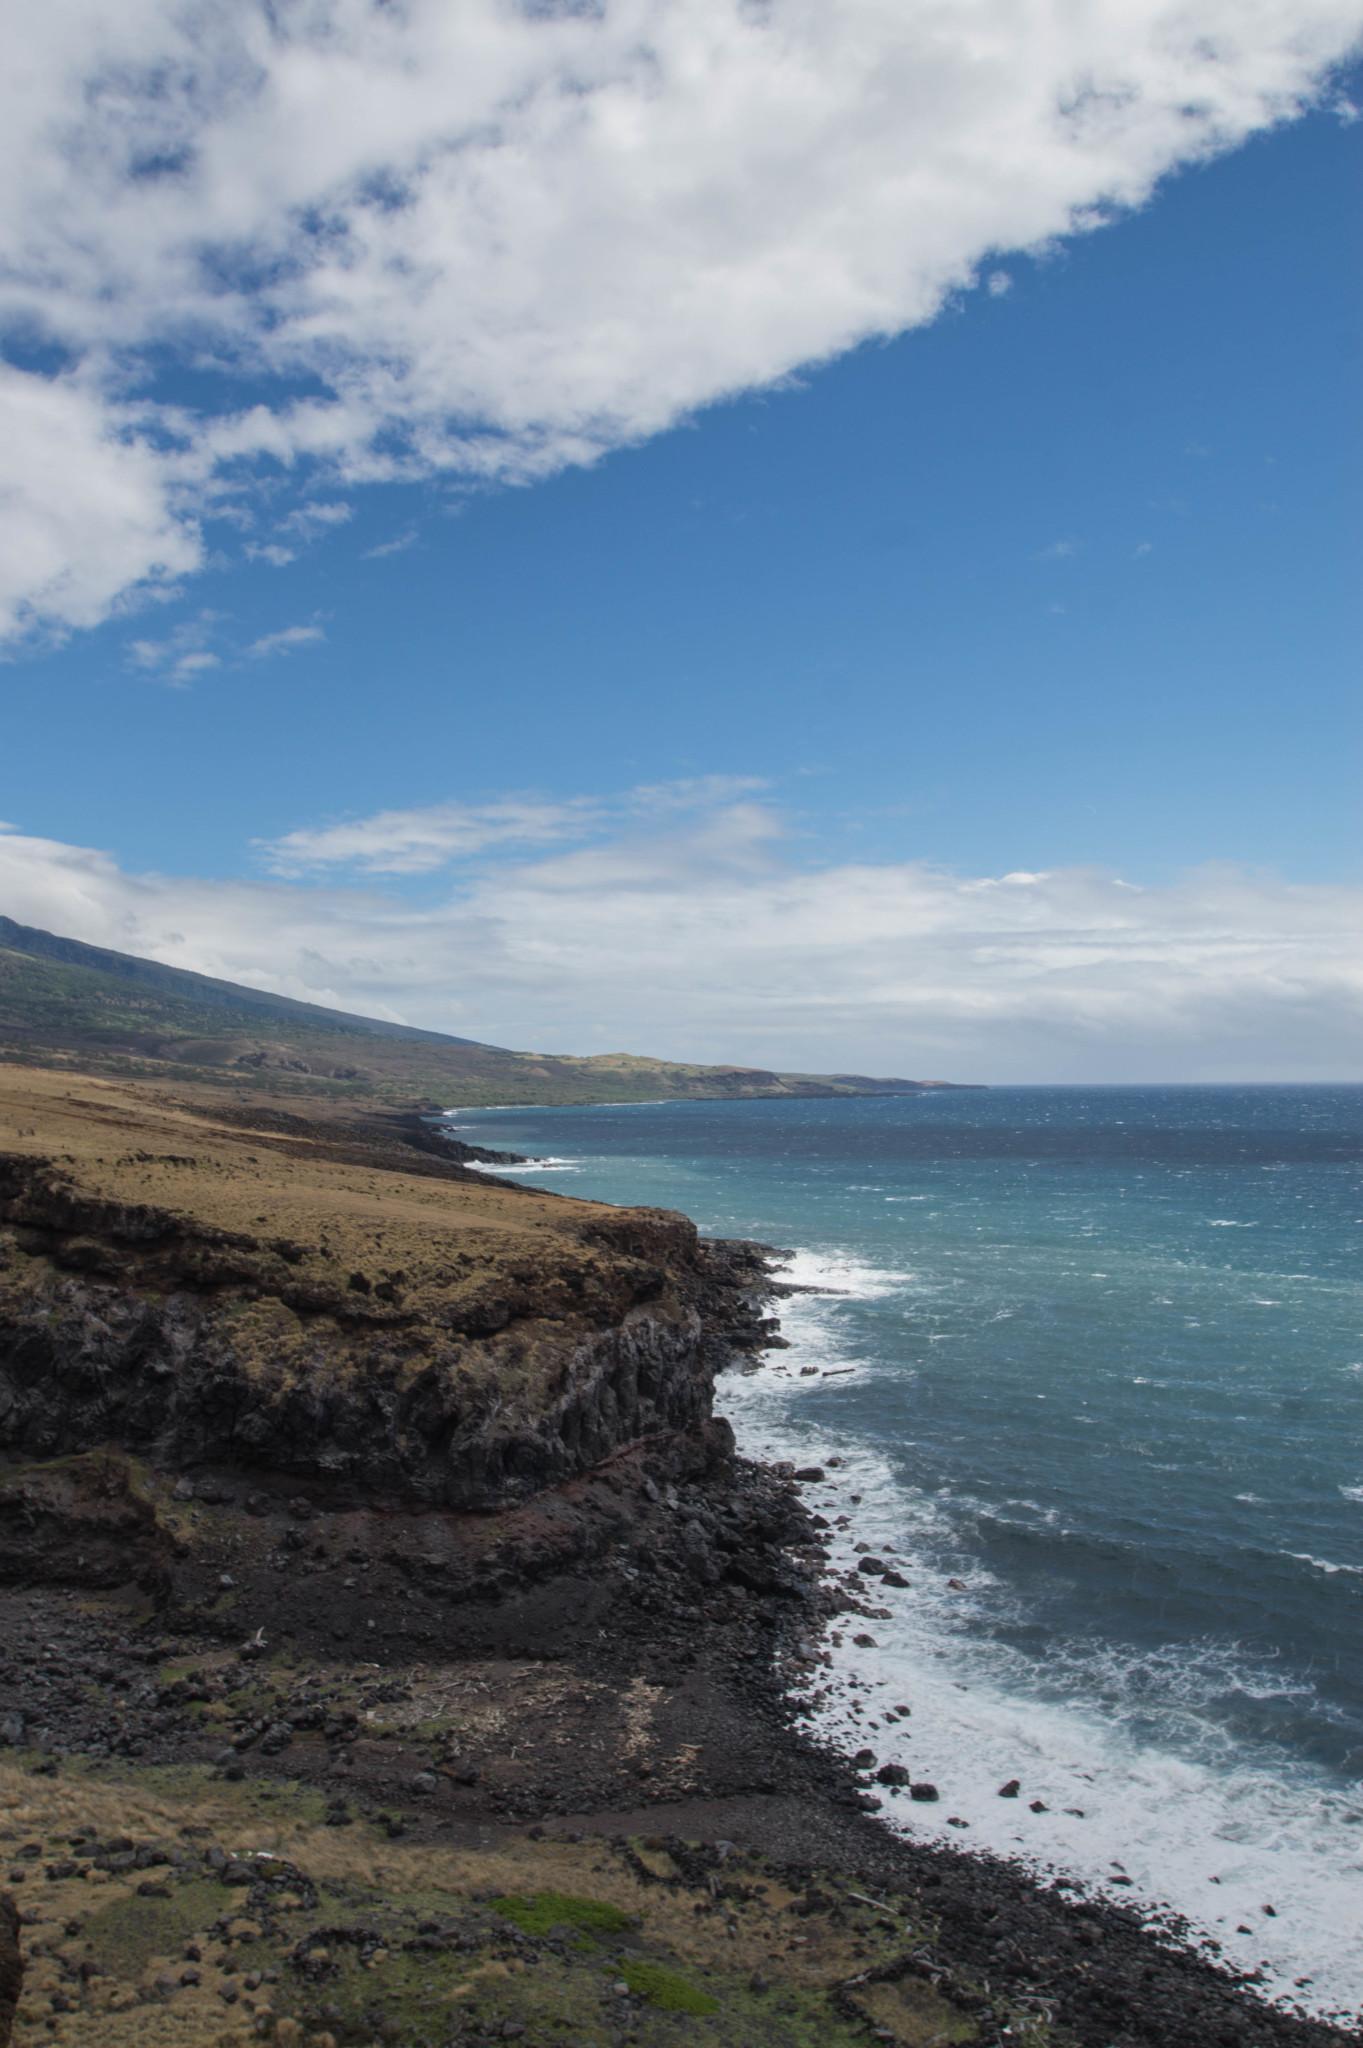 Ausblick aus dem Mietwagen auf Hawaii